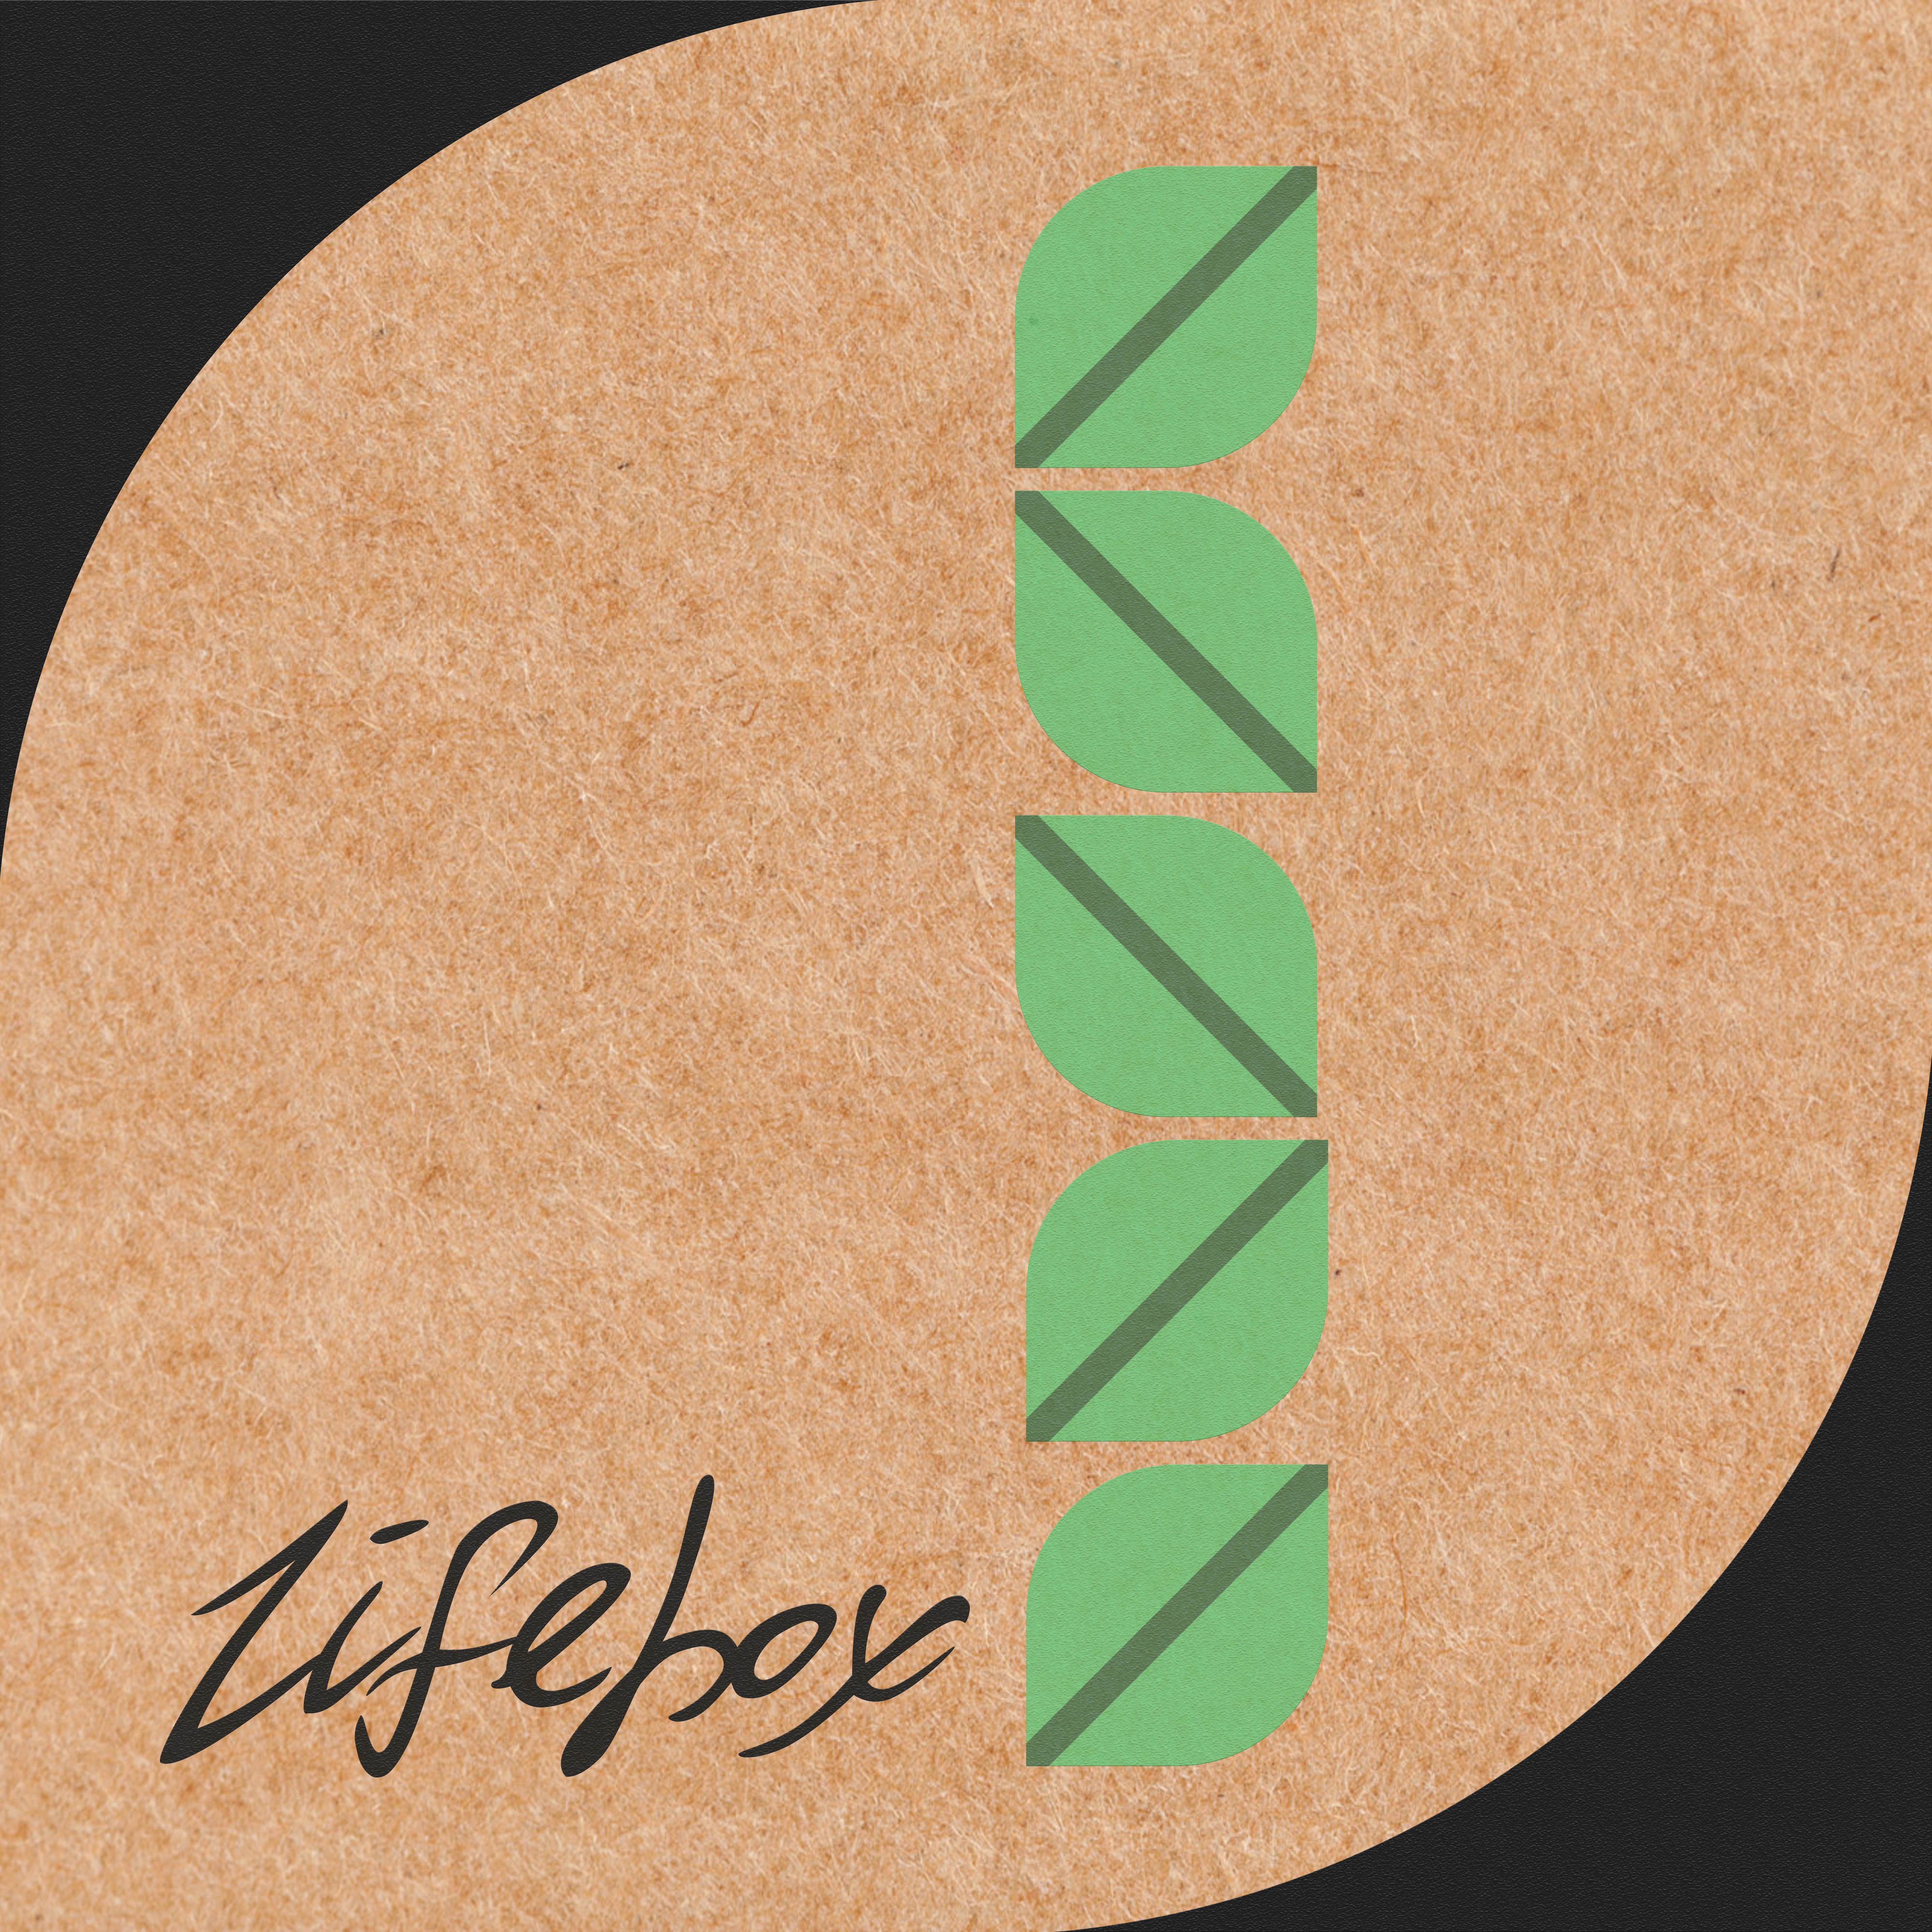 Разработка Логотипа. Победитель получит расширеный заказ  фото f_1315c26bda8add31.jpg